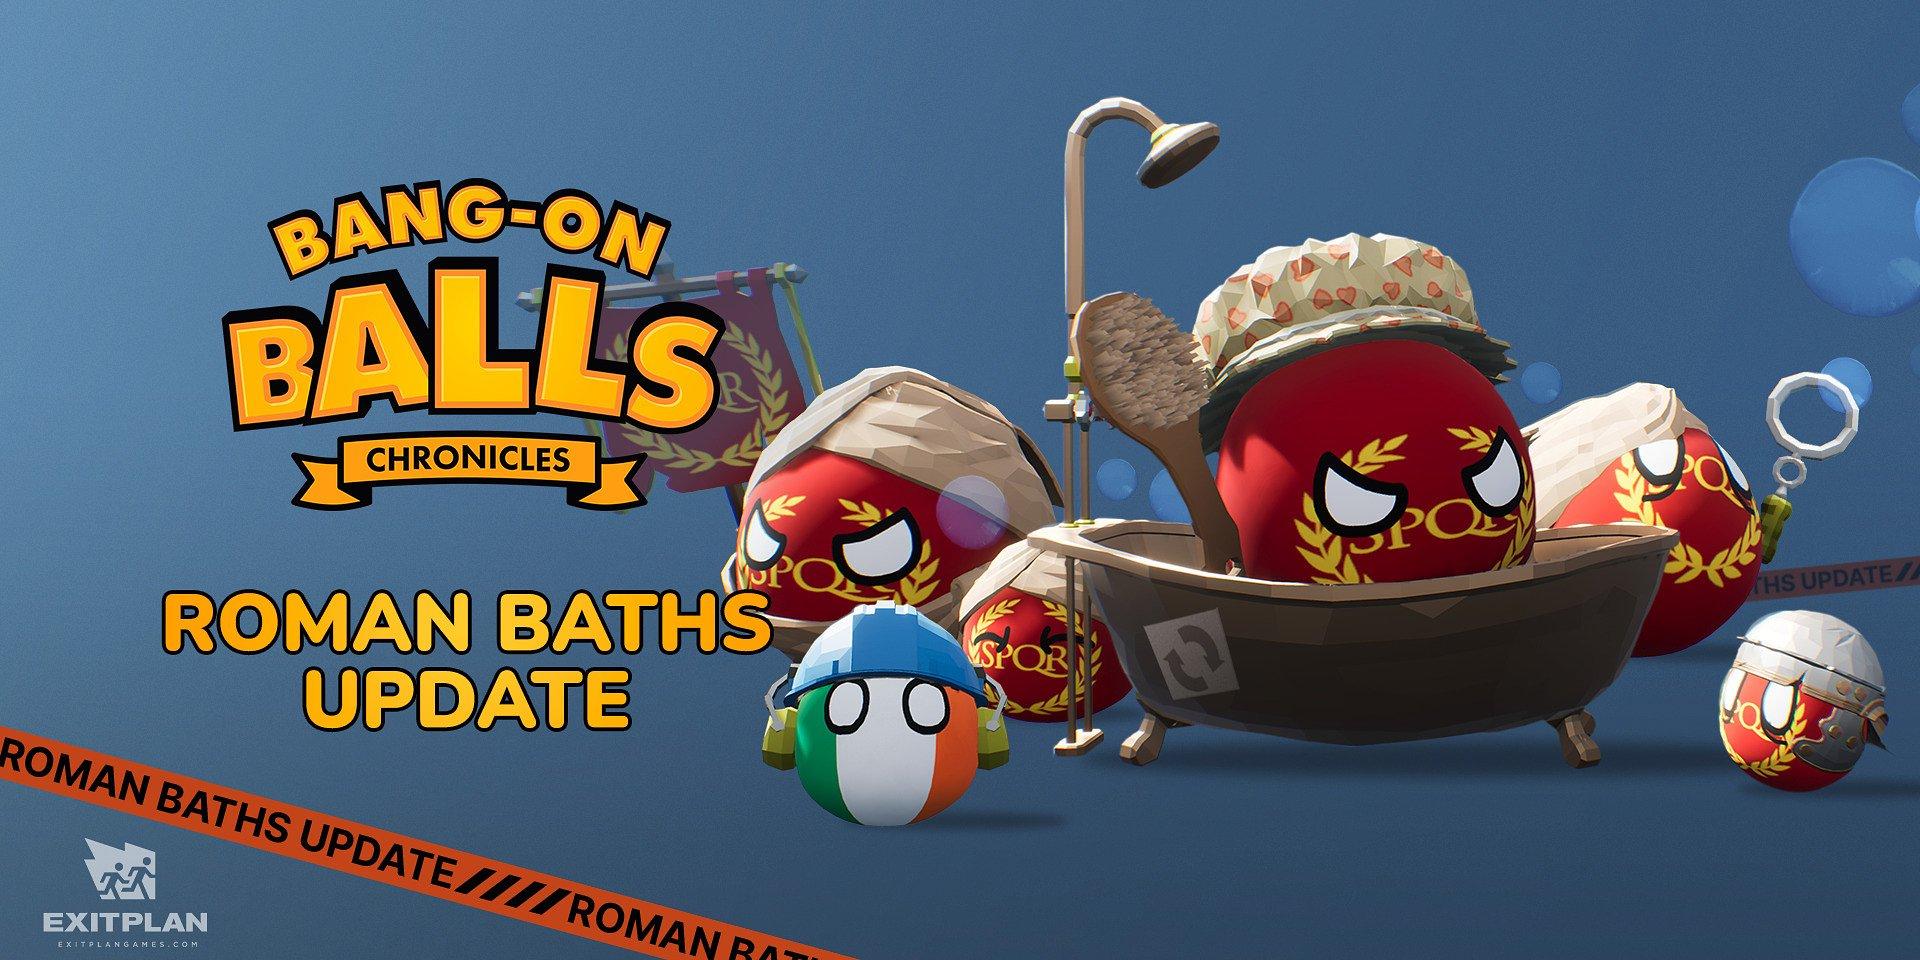 Niech rozpocznie się KĄPIEL! Bang-on Balls: Chronicles Roman Bath Update wtacza się do gry!